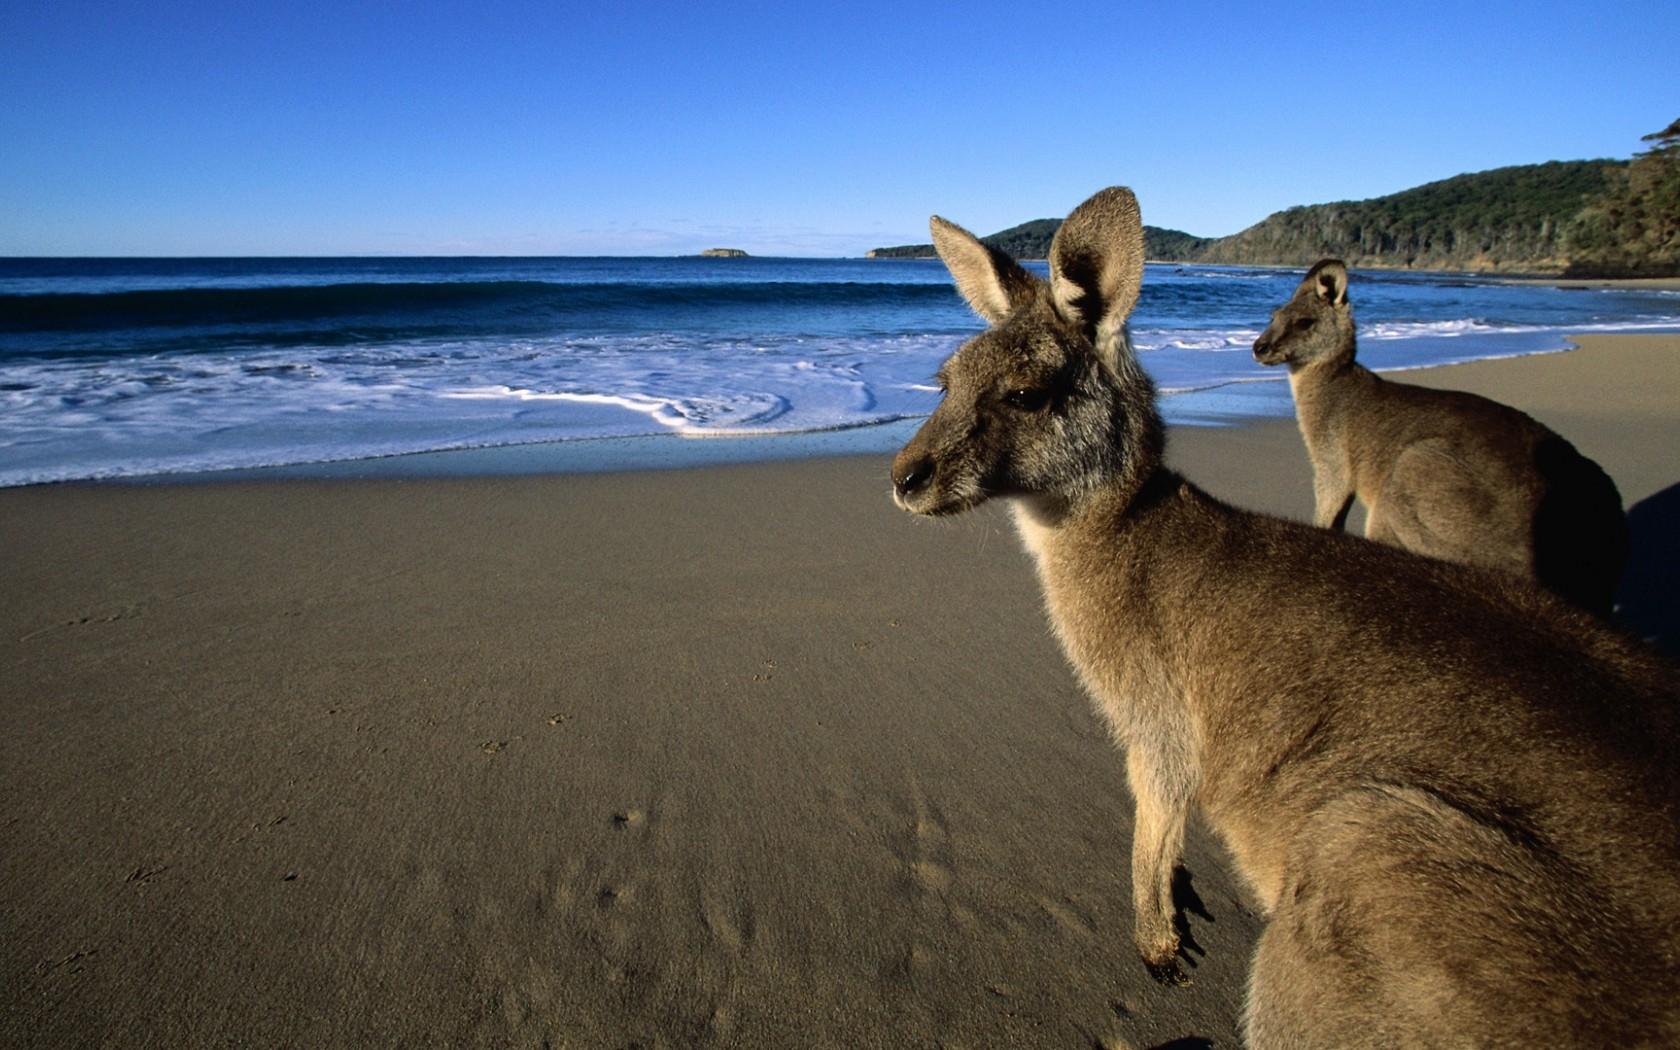 Fondos De Pantalla Montañas Mar Agua Arena Playa Fauna